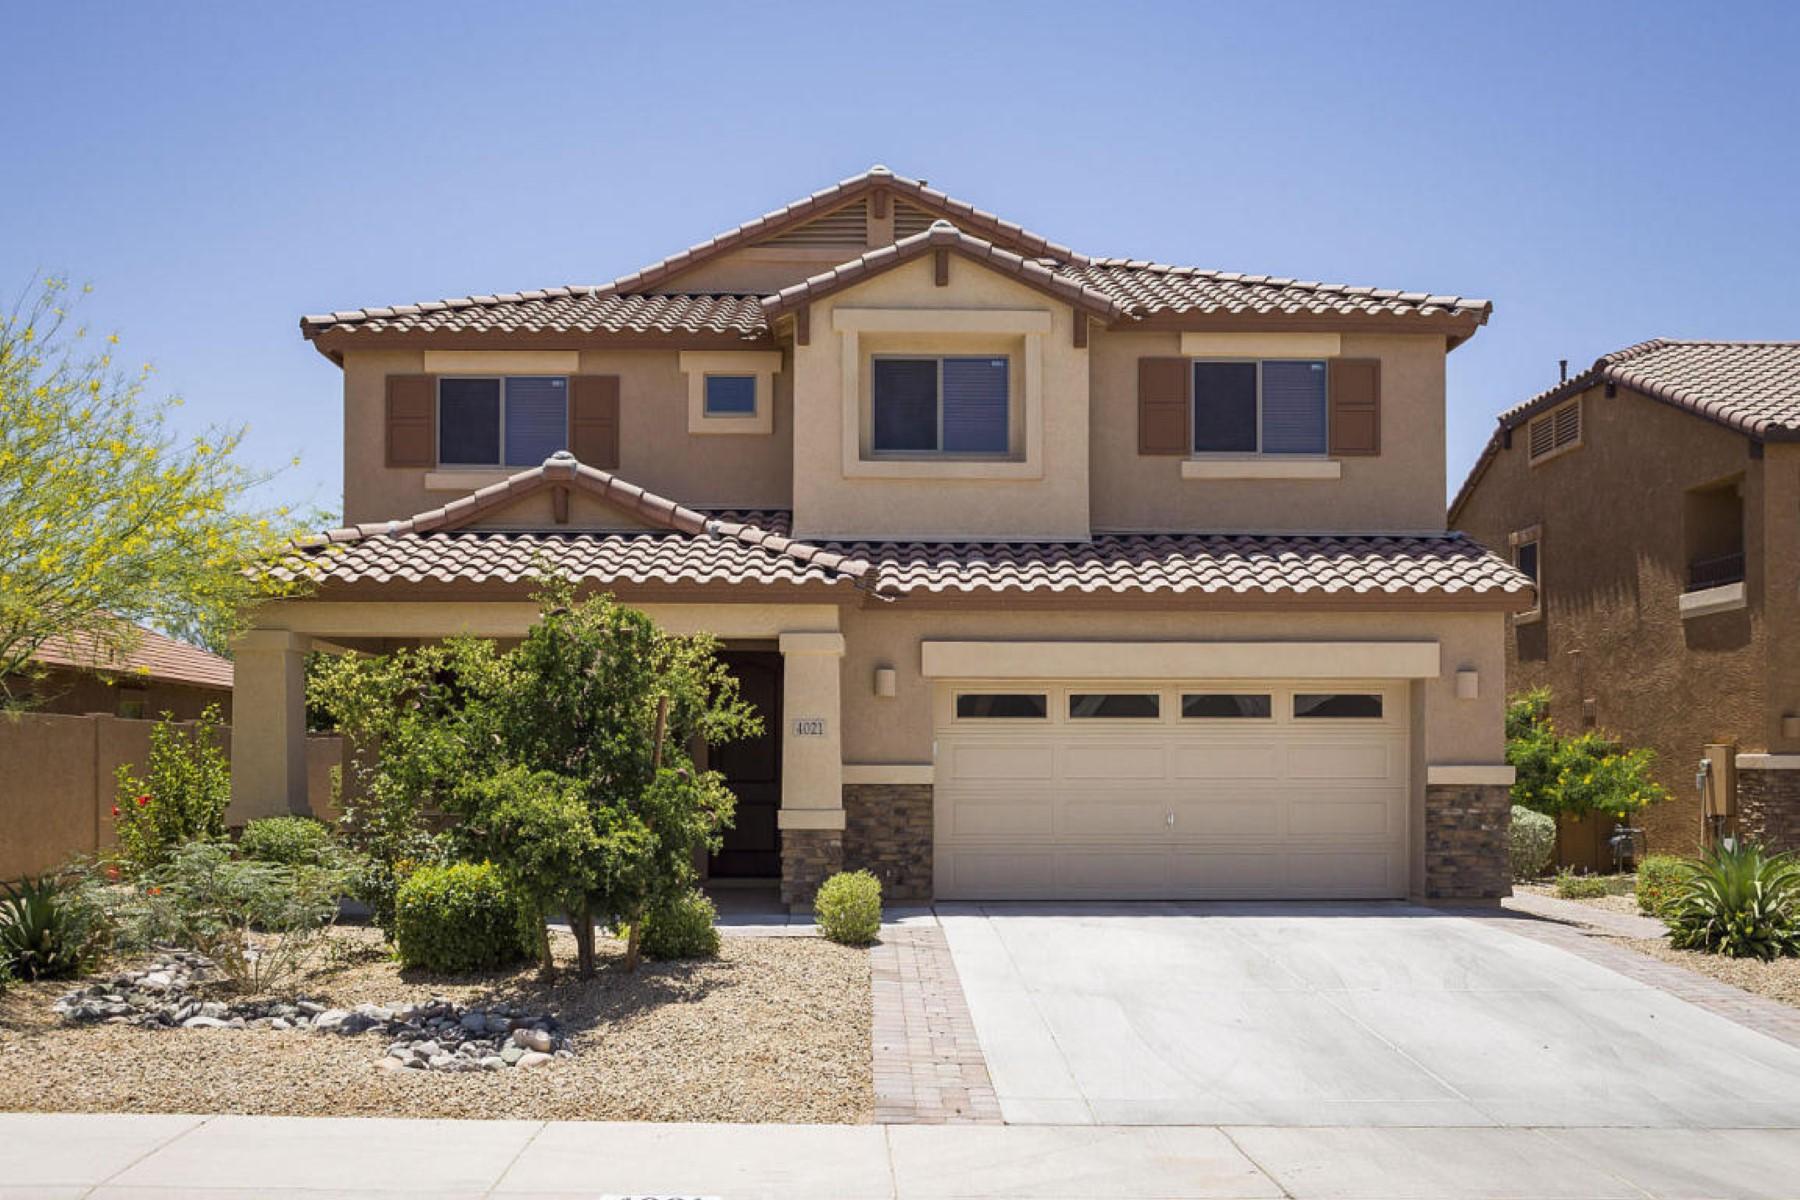 Частный односемейный дом для того Продажа на Terrific home in highly-desirable neighborhood 4021 E Expedition WAY Phoenix, Аризона 85050 Соединенные Штаты